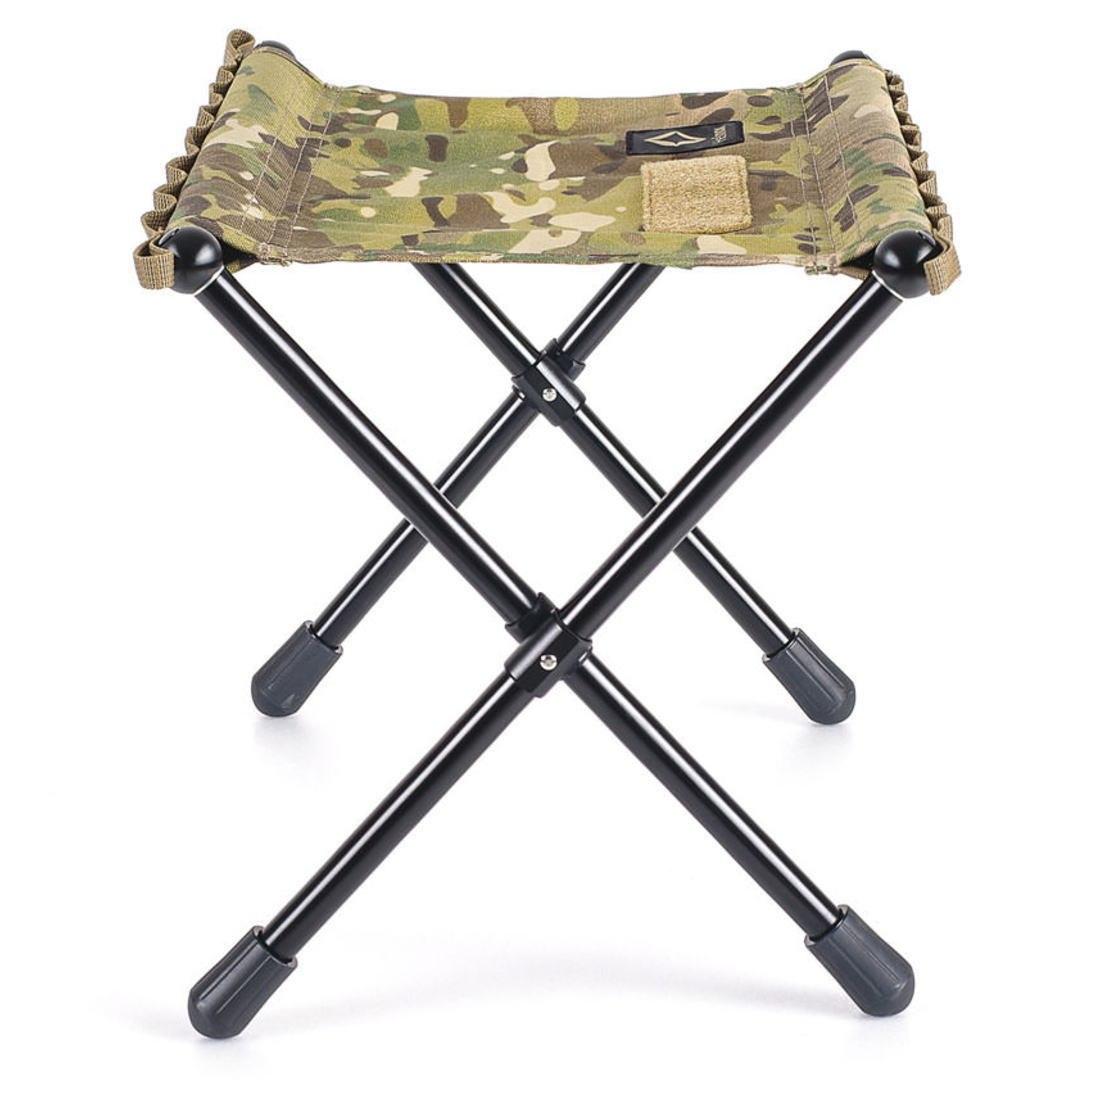 ヘリノックス タクティカルスピードスツール M マルチマム コンパクト 折りたたみ 椅子  国内正規品